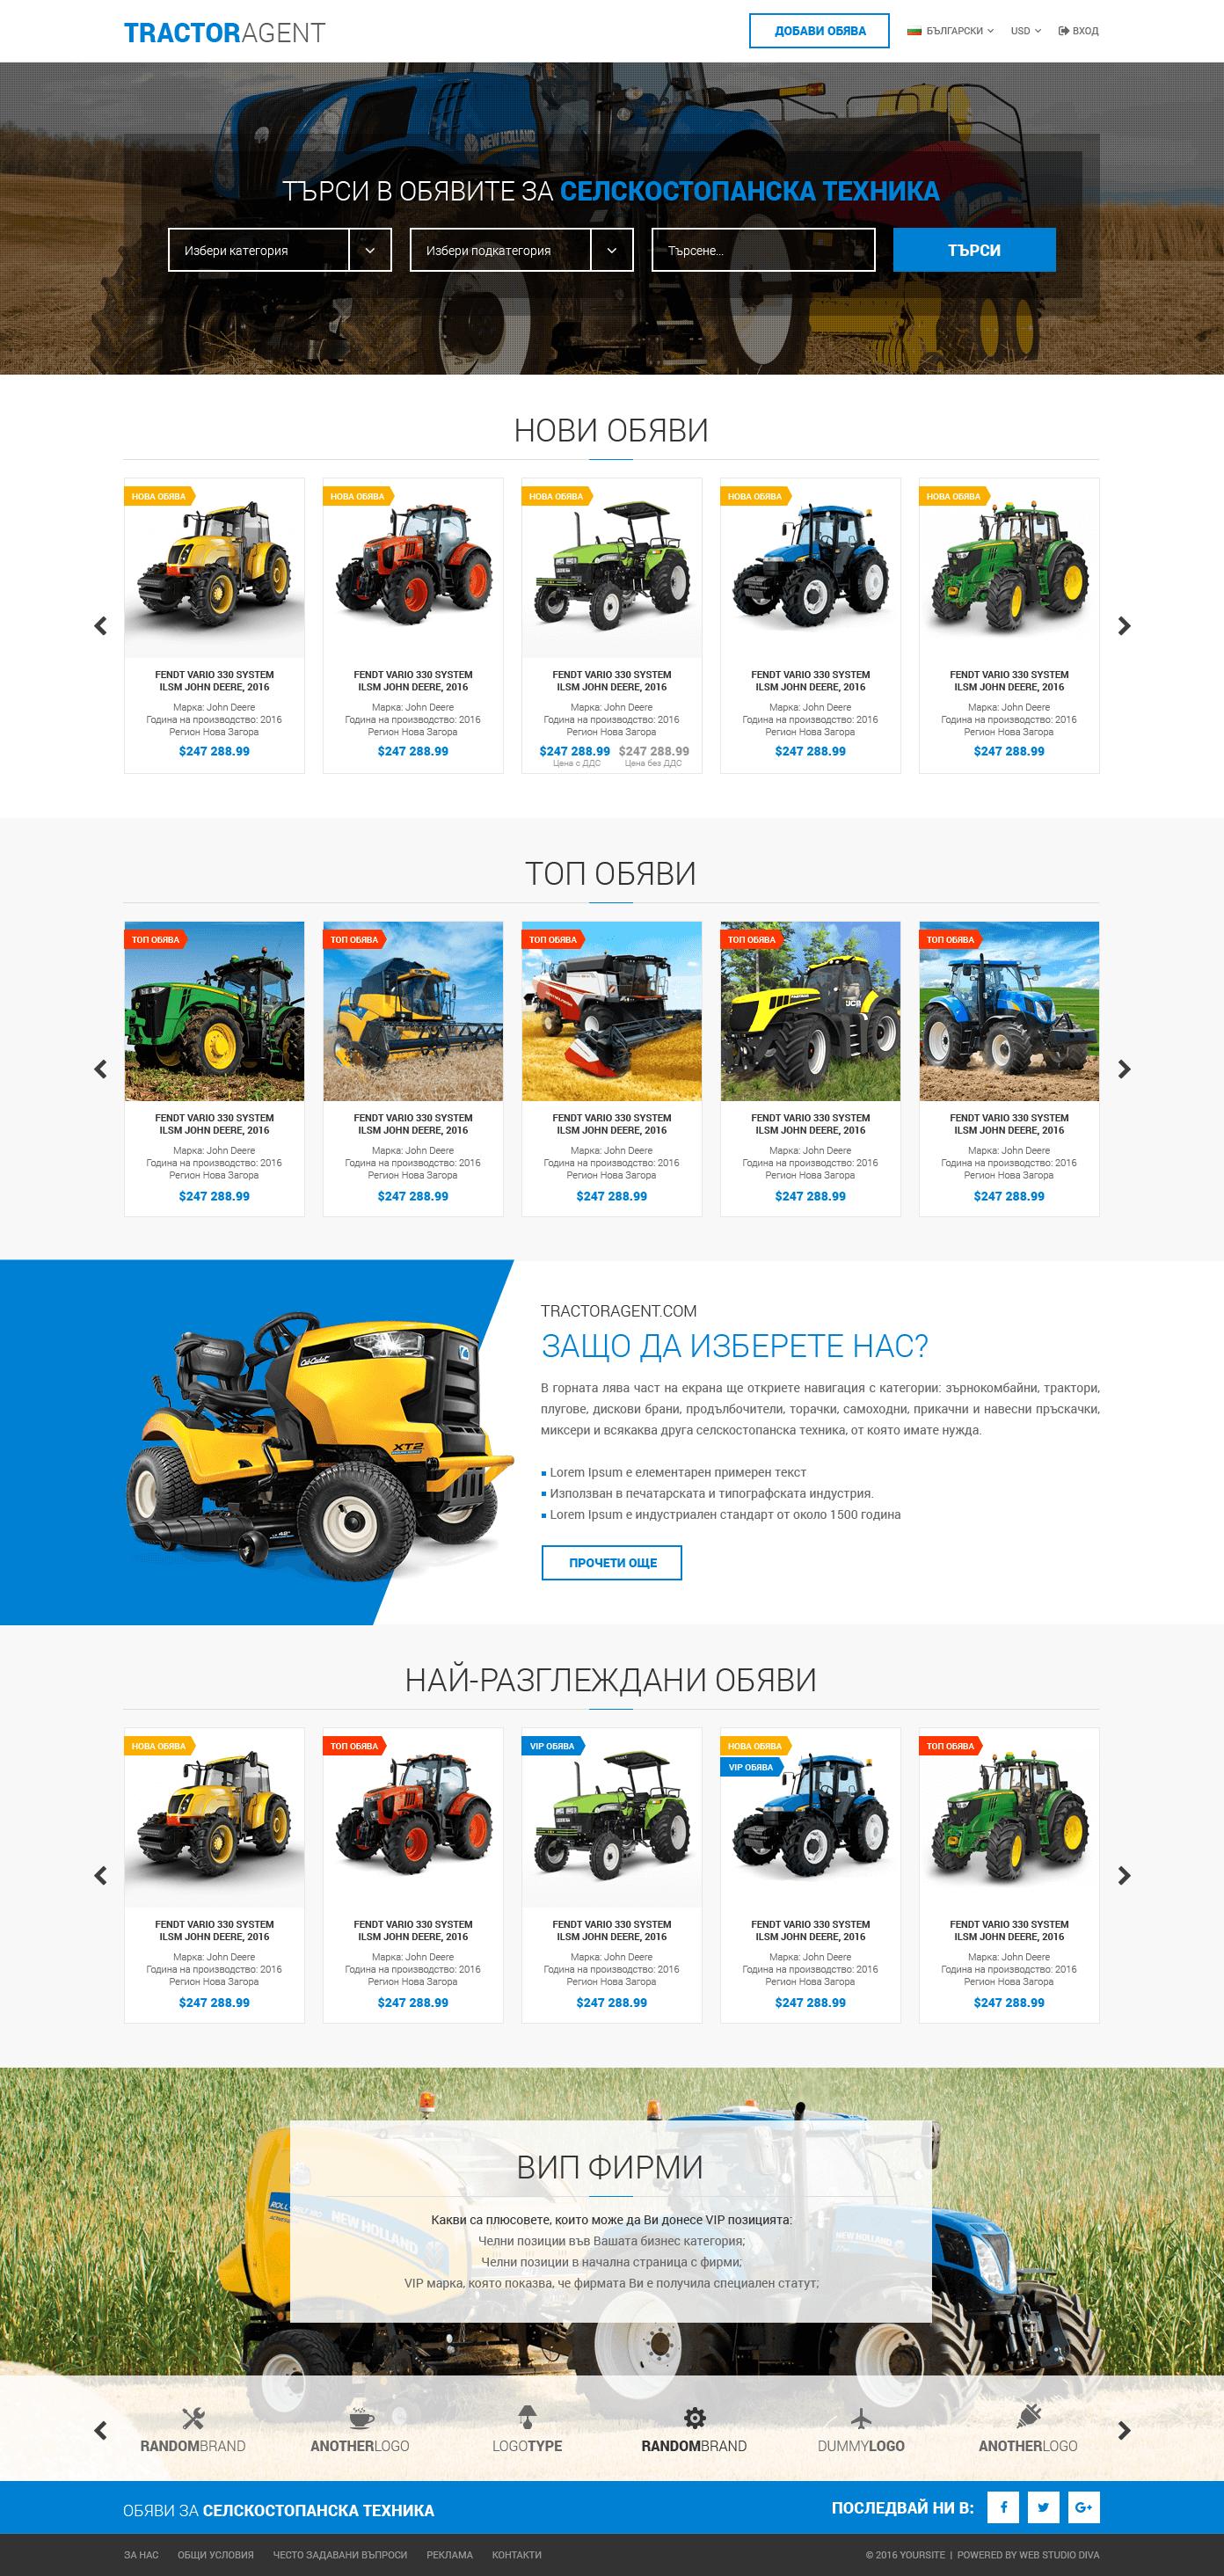 Уебсайт за обяви за селскостопанска техника